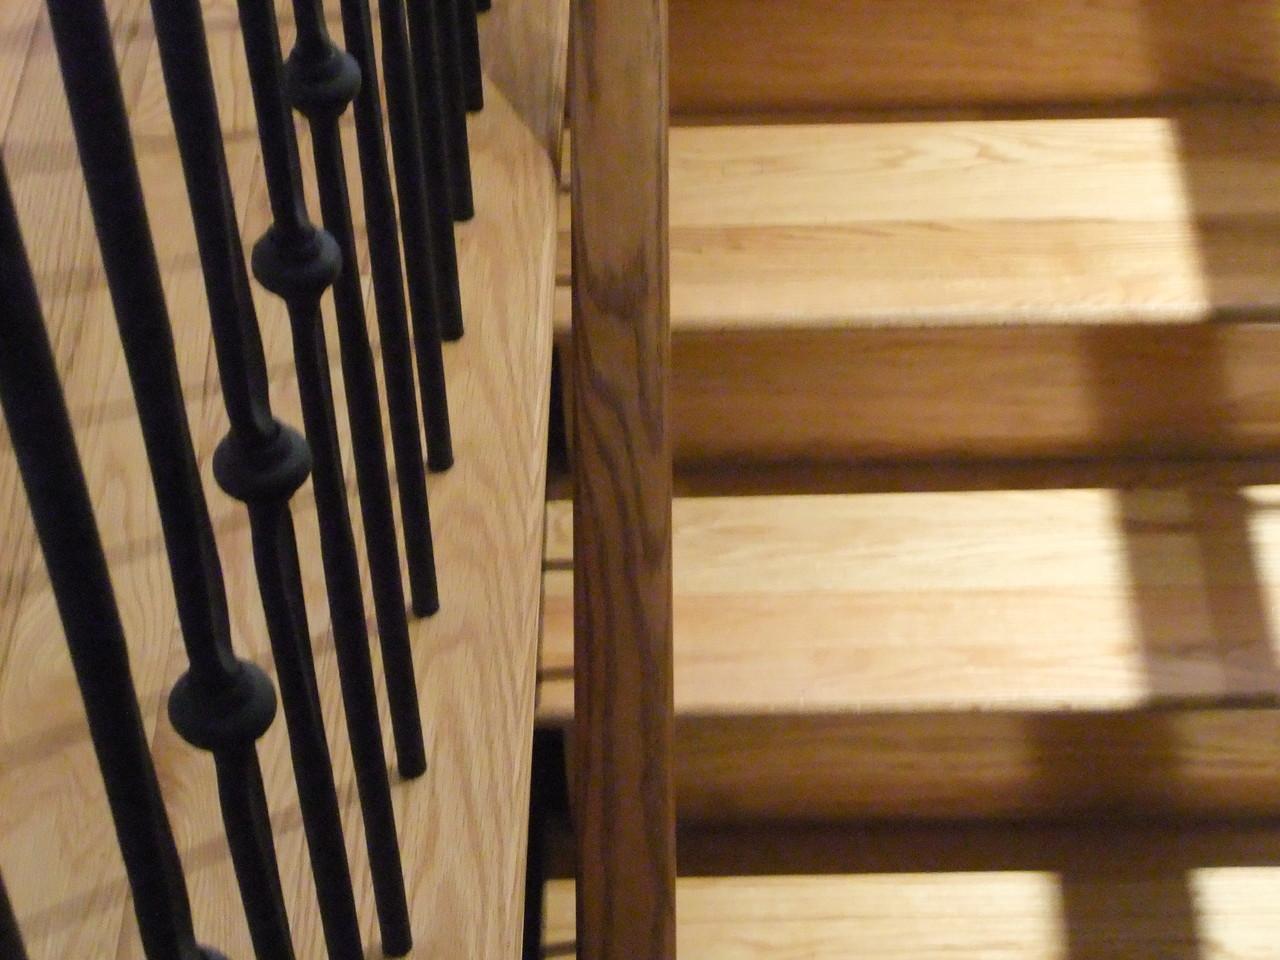 Manque d'espace entre la rampe et le plancher